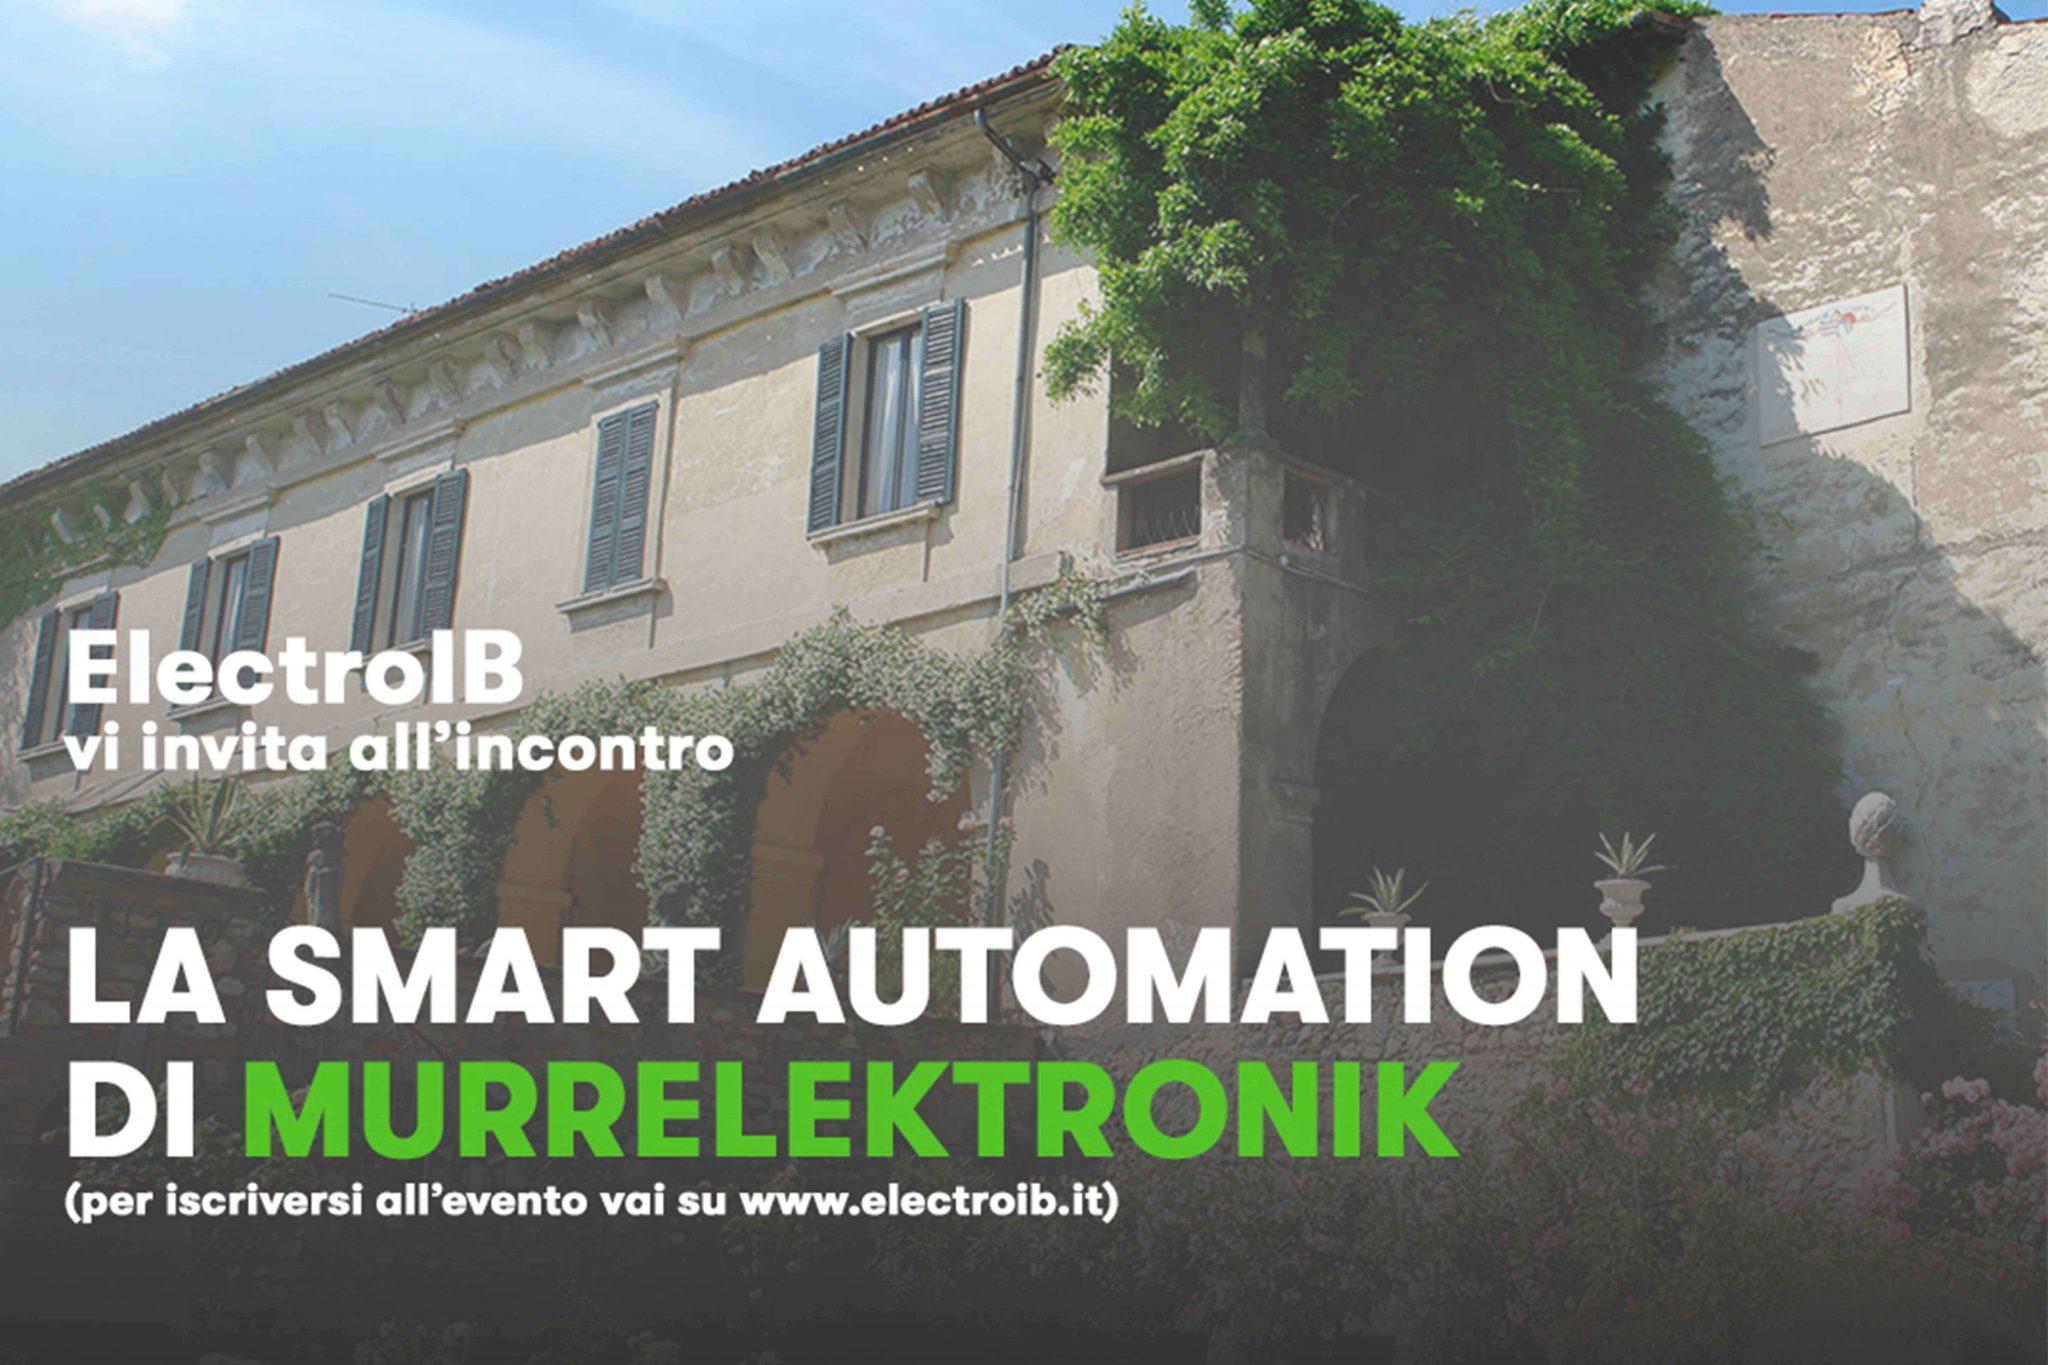 ELECTRO IB VI INVITA ALL'EVENTO: LA SMART AUTOMATION DI MURRELEKTRONIK